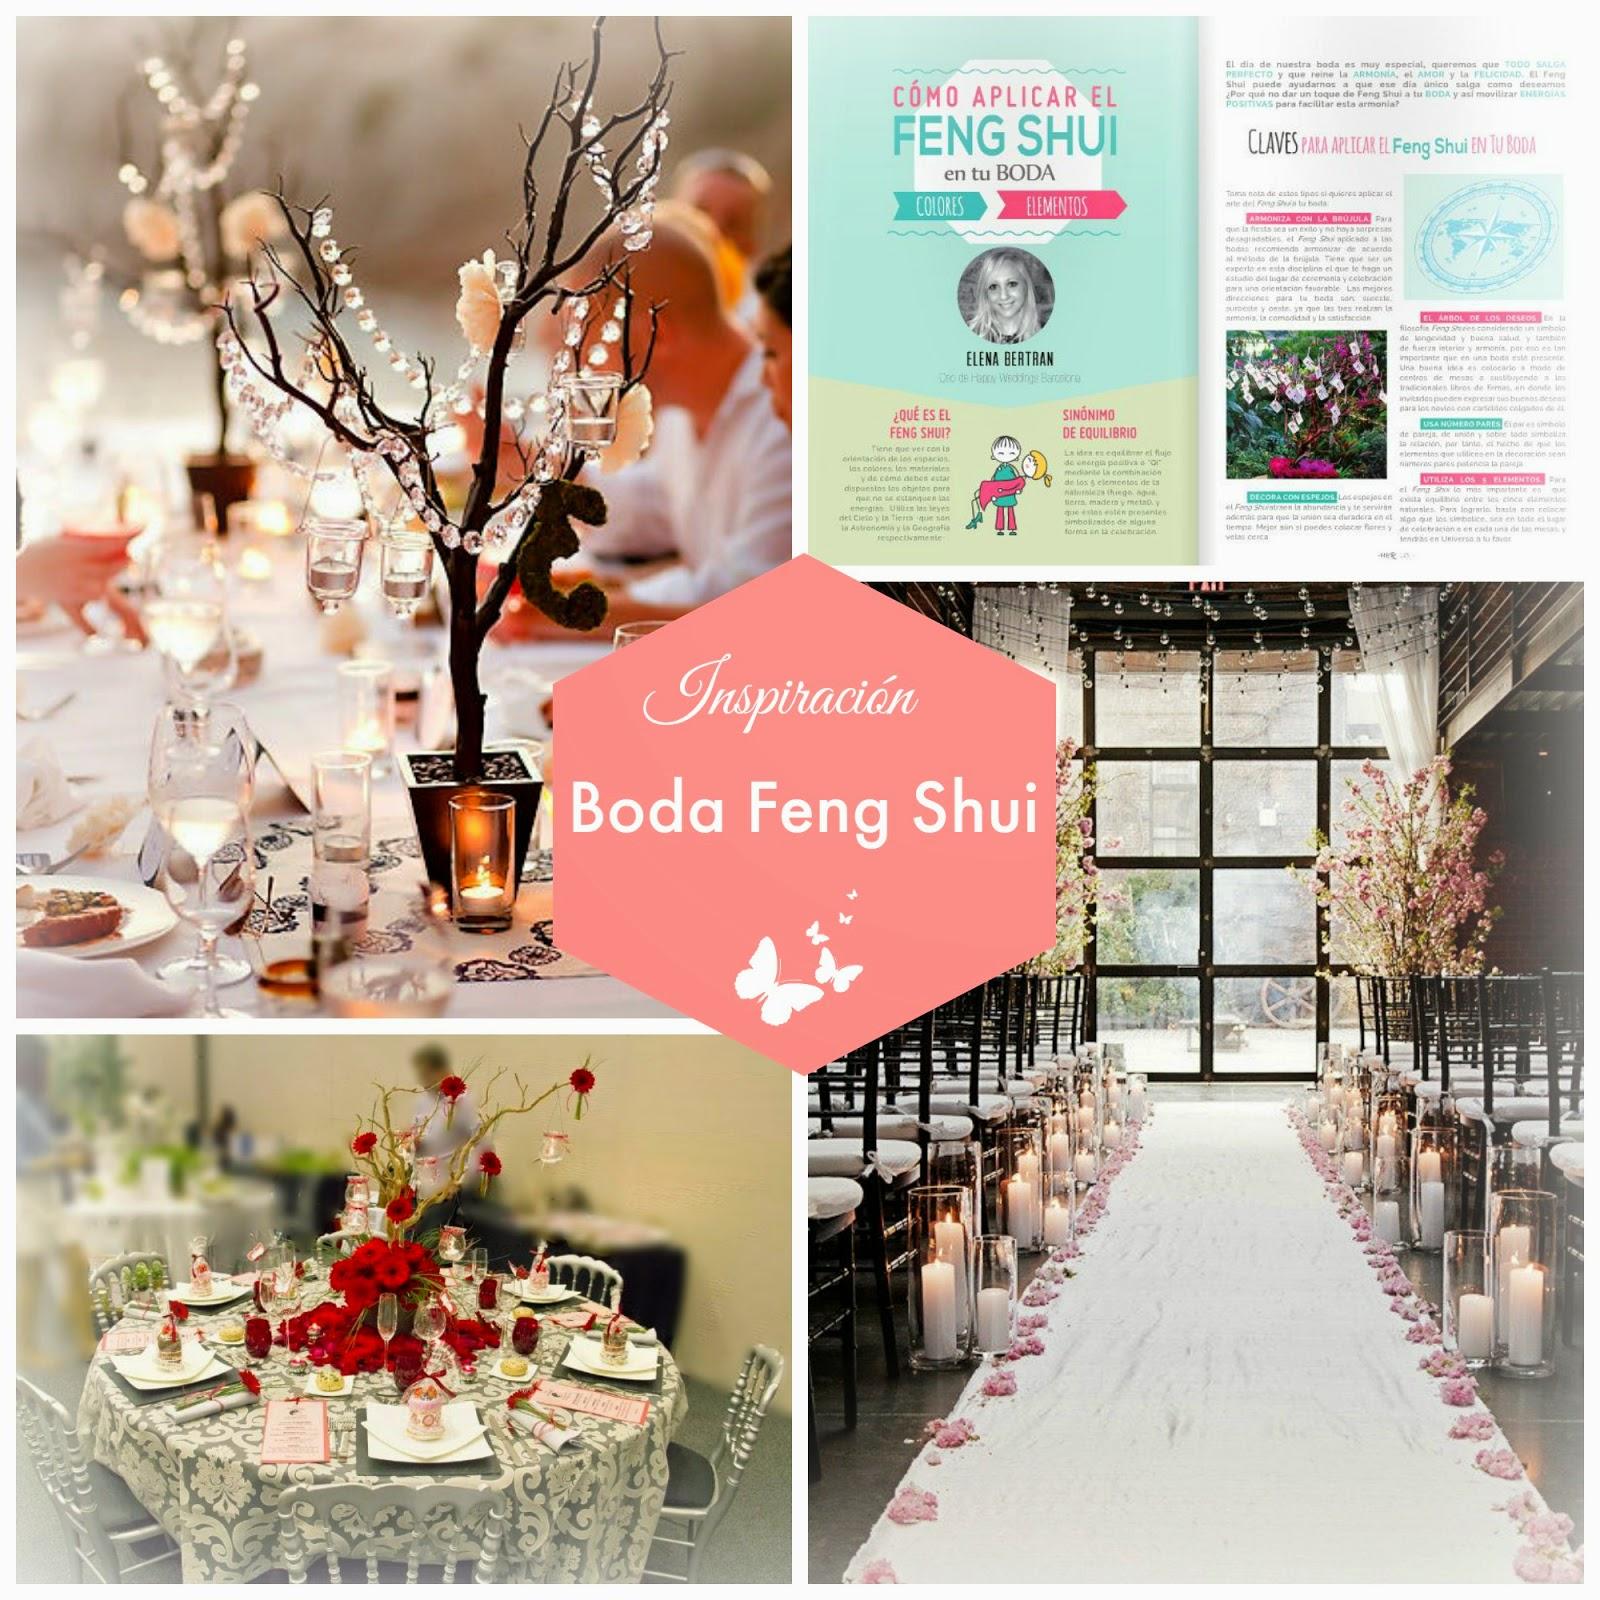 boda inspiracion feng shui blog bodas mi boda gratis